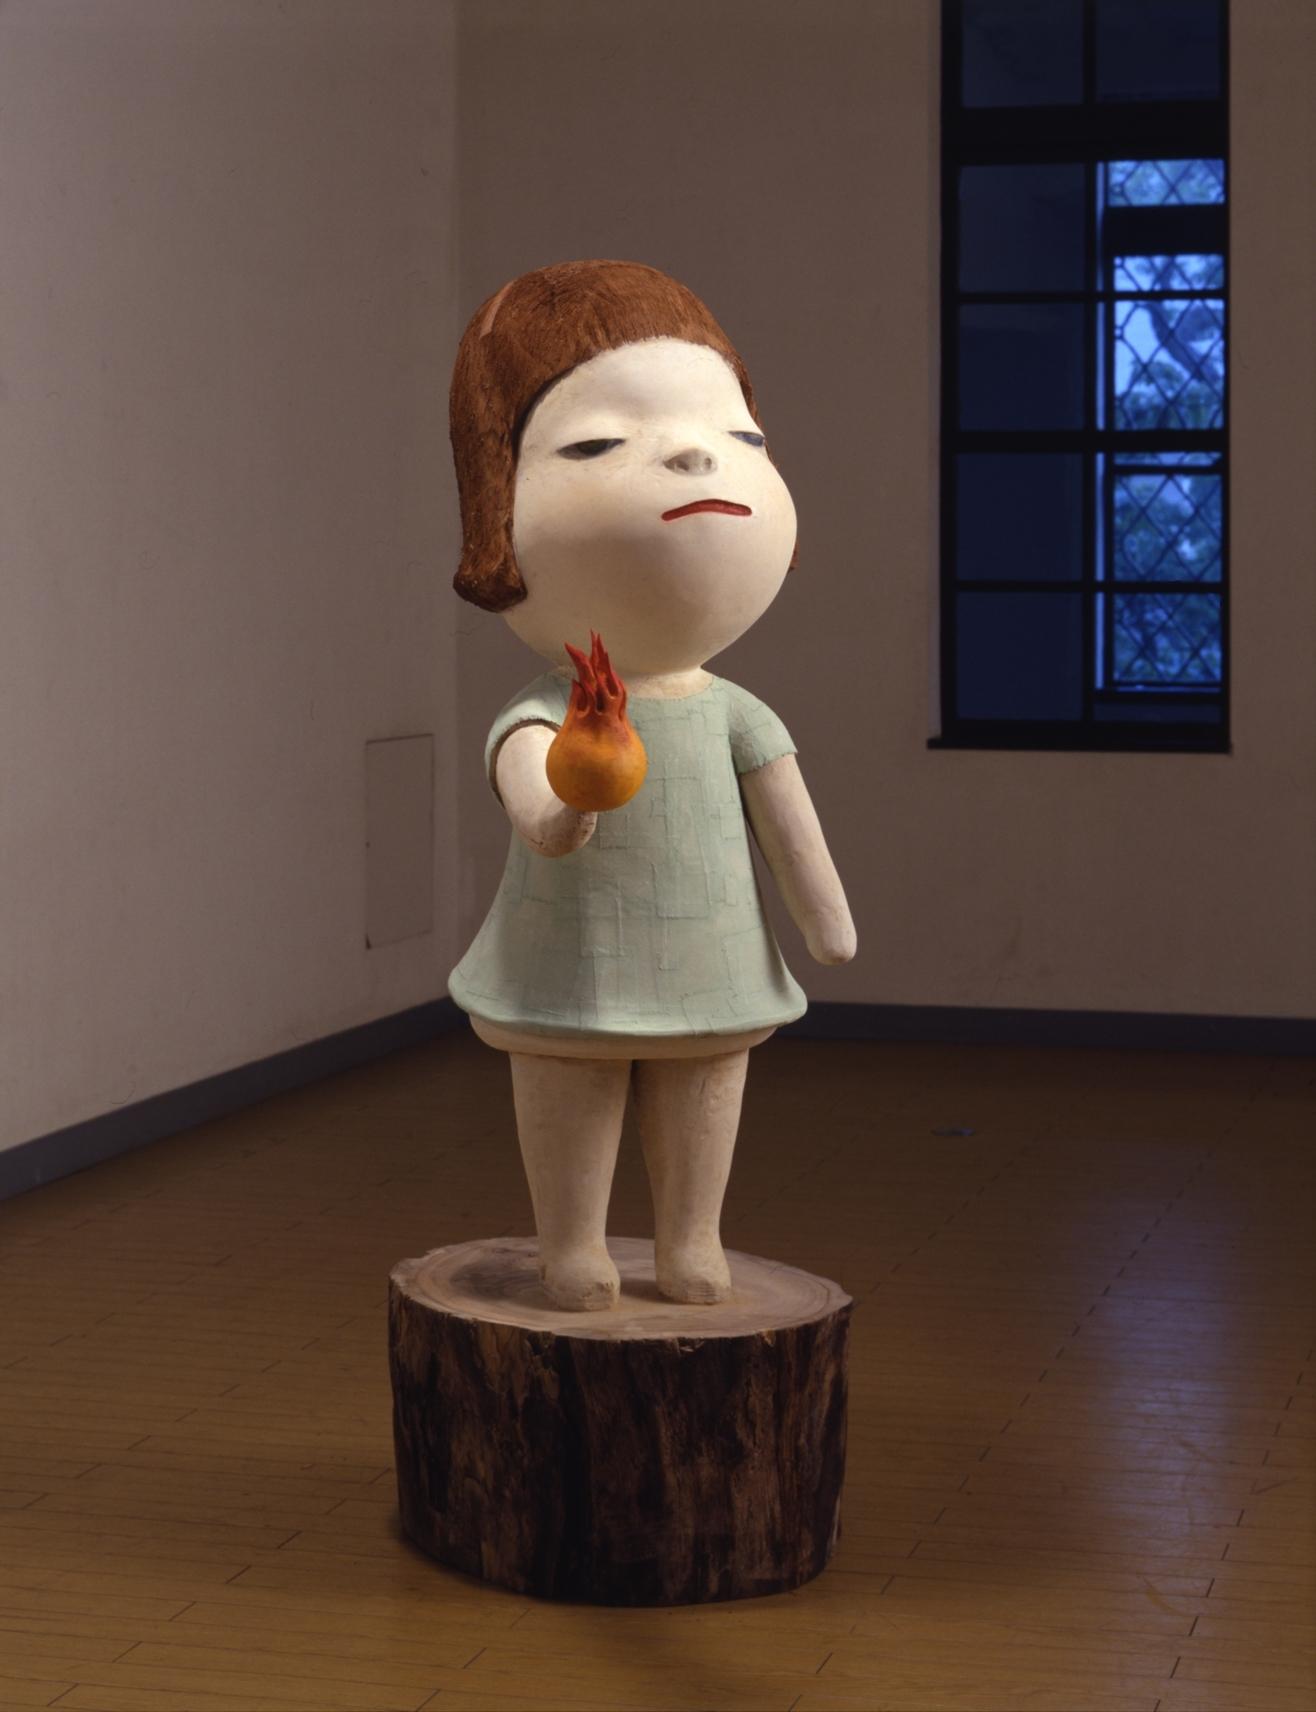 奈良美智《ハートに火をつけて》 2001年  cYoshitomo Nara, Courtesy of the artist